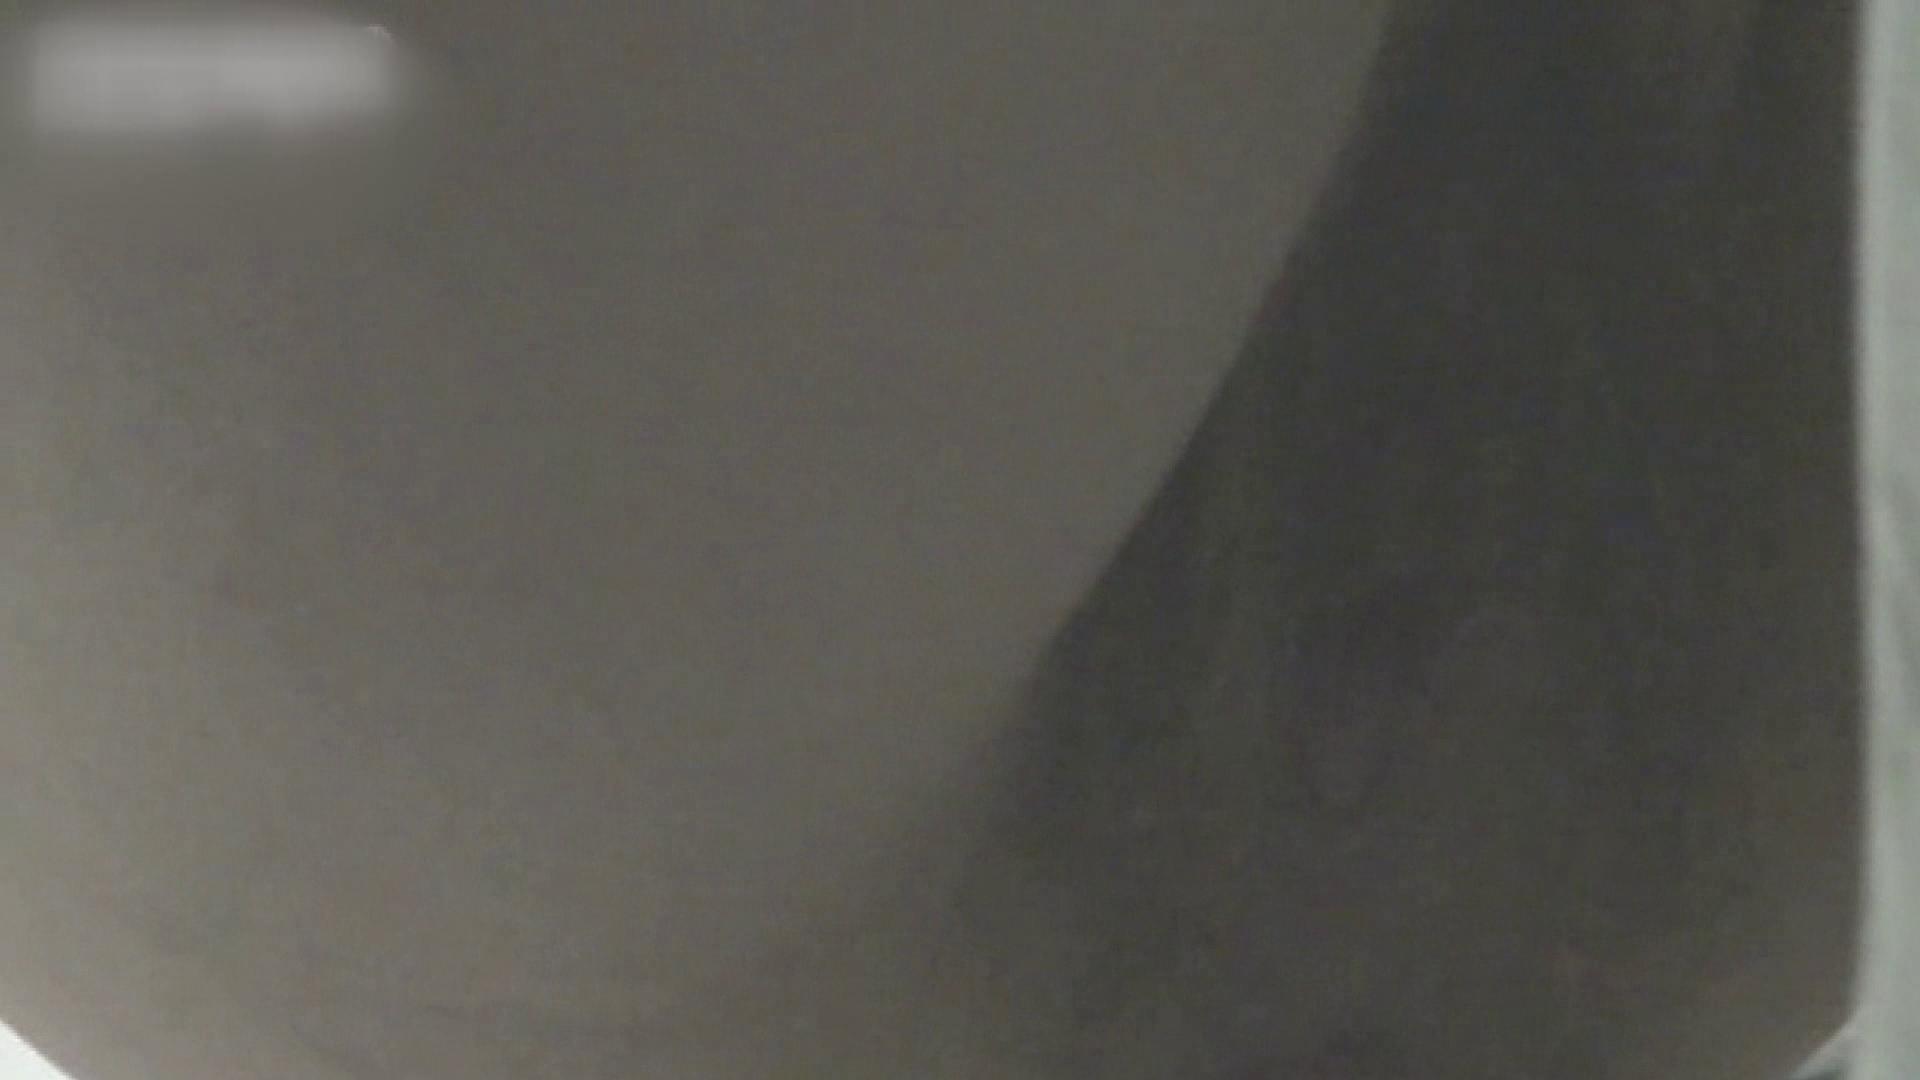 ロックハンドさんの盗撮記録File.34 厠隠し撮り 濡れ場動画紹介 83pic 78